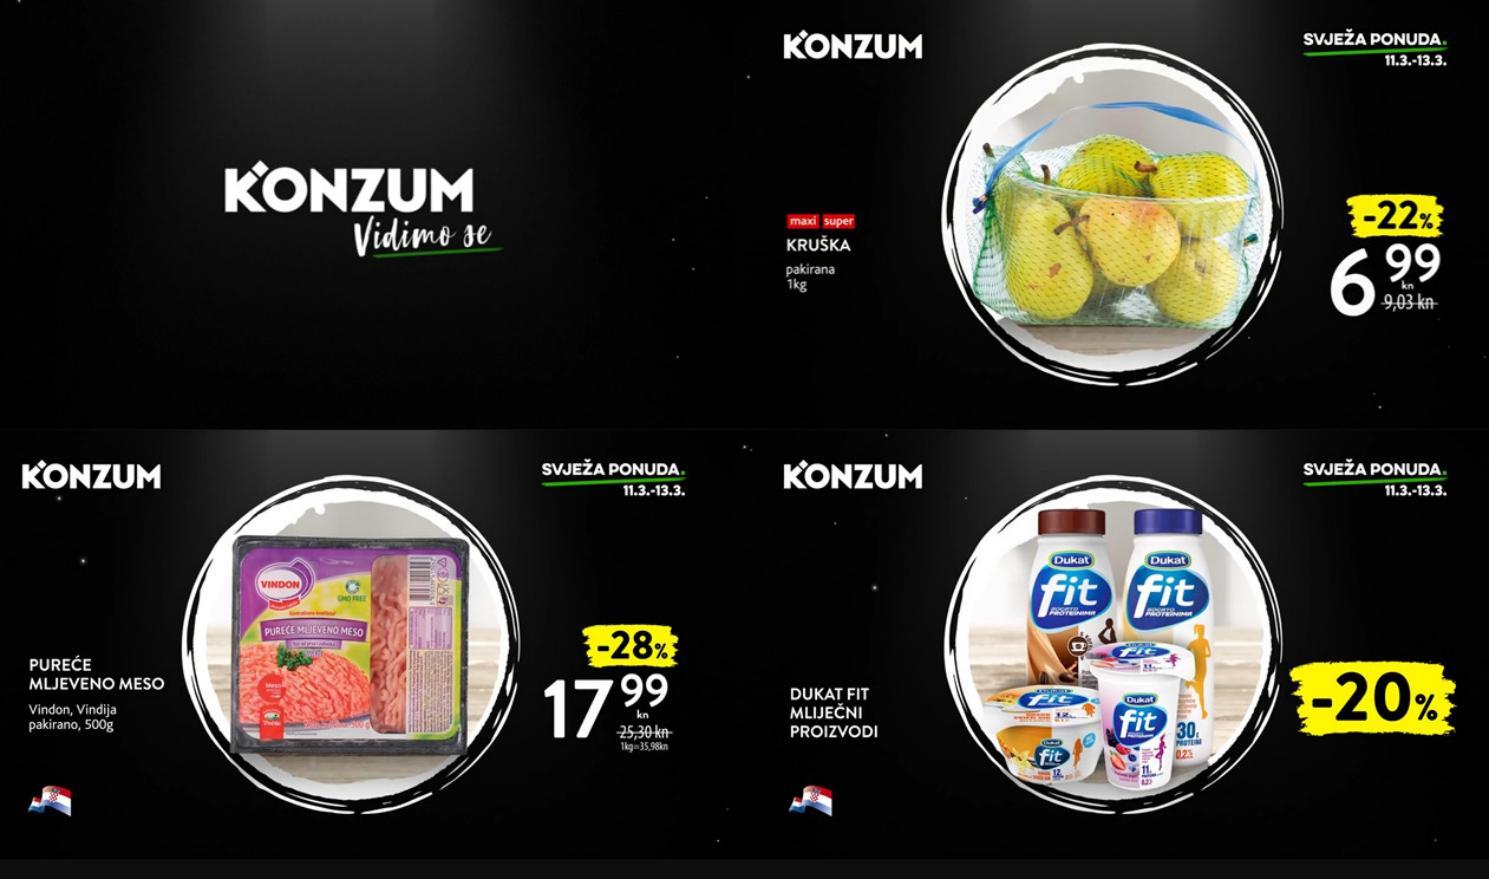 Nova super akcija i nova svježa ponuda u Konzumu! U periodu od 11.- 13.03.2019. iskoristite nove ponude i kupujte povoljnije!